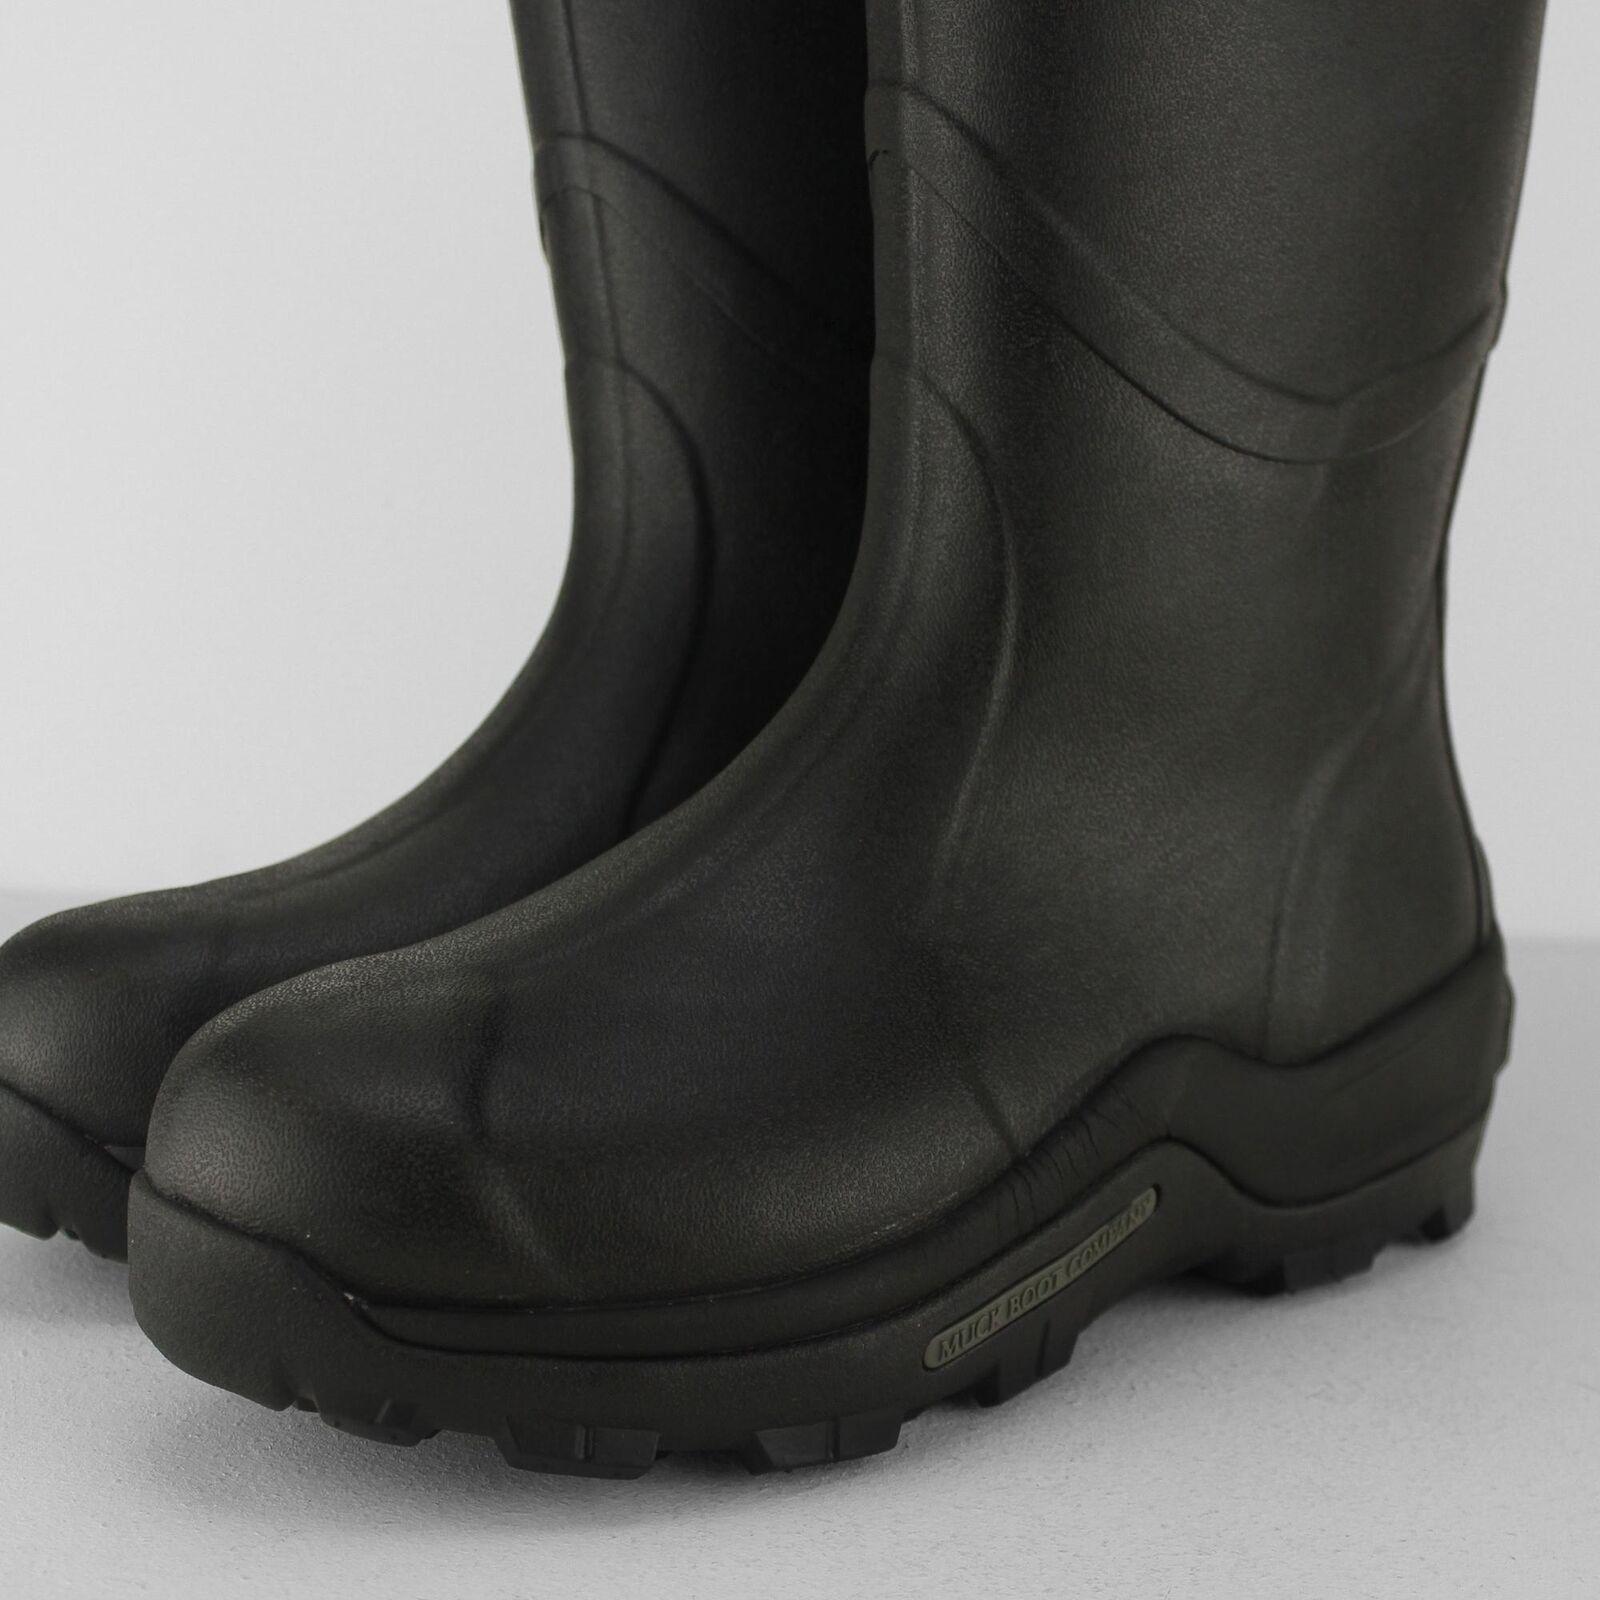 Muck Stiefel MUCKMASTER HI Damenschuhe Unisex   Herren Damenschuhe HI Waterproof Comfort Wellington Stiefel 7f6297